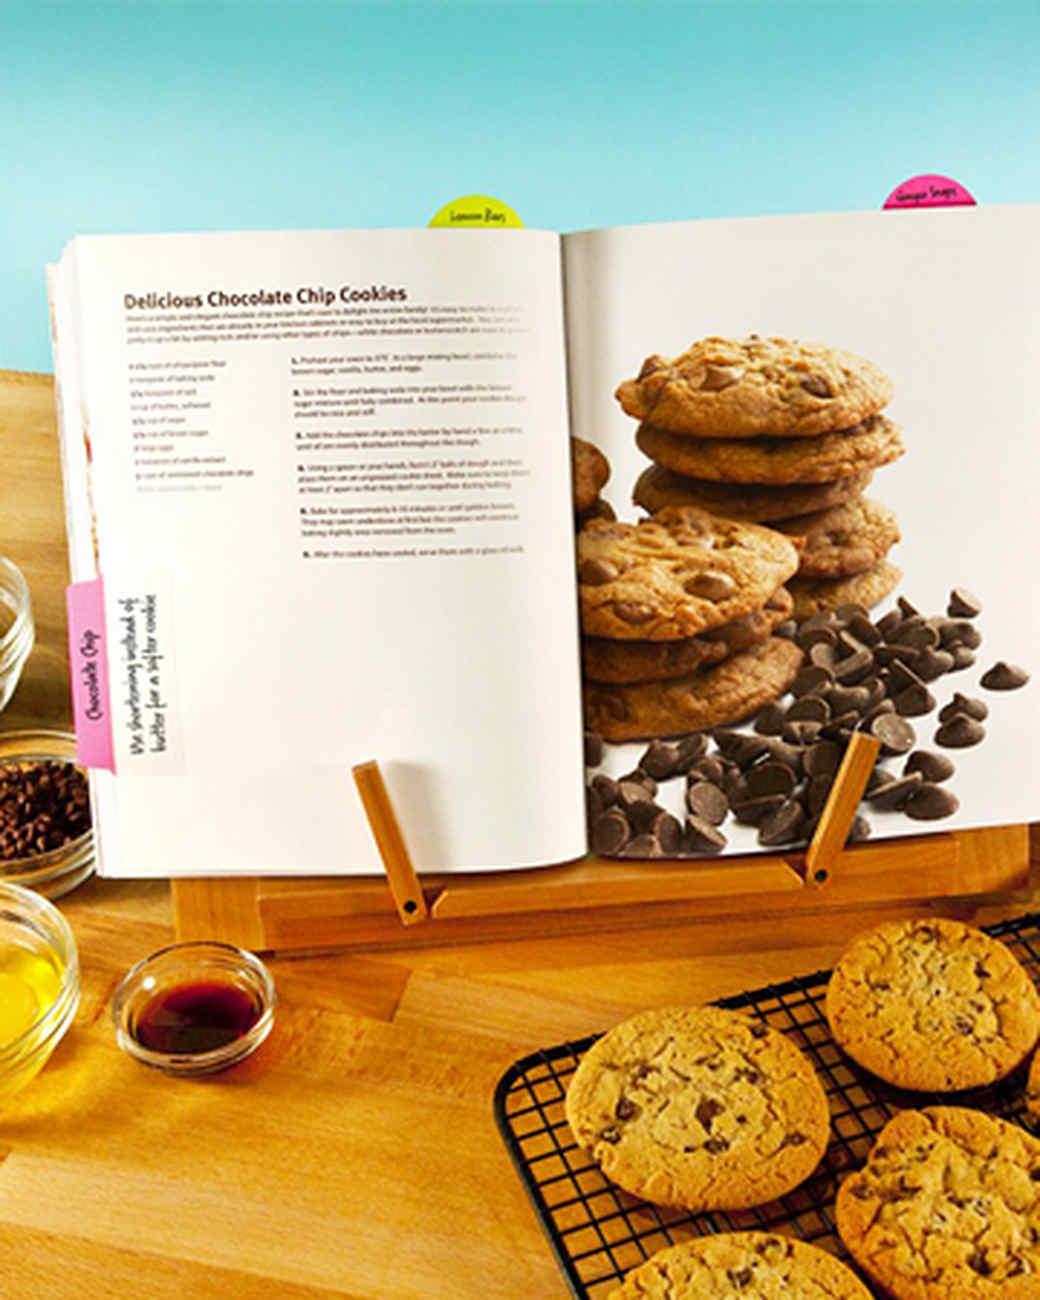 notetabs_cookies_book.jpg